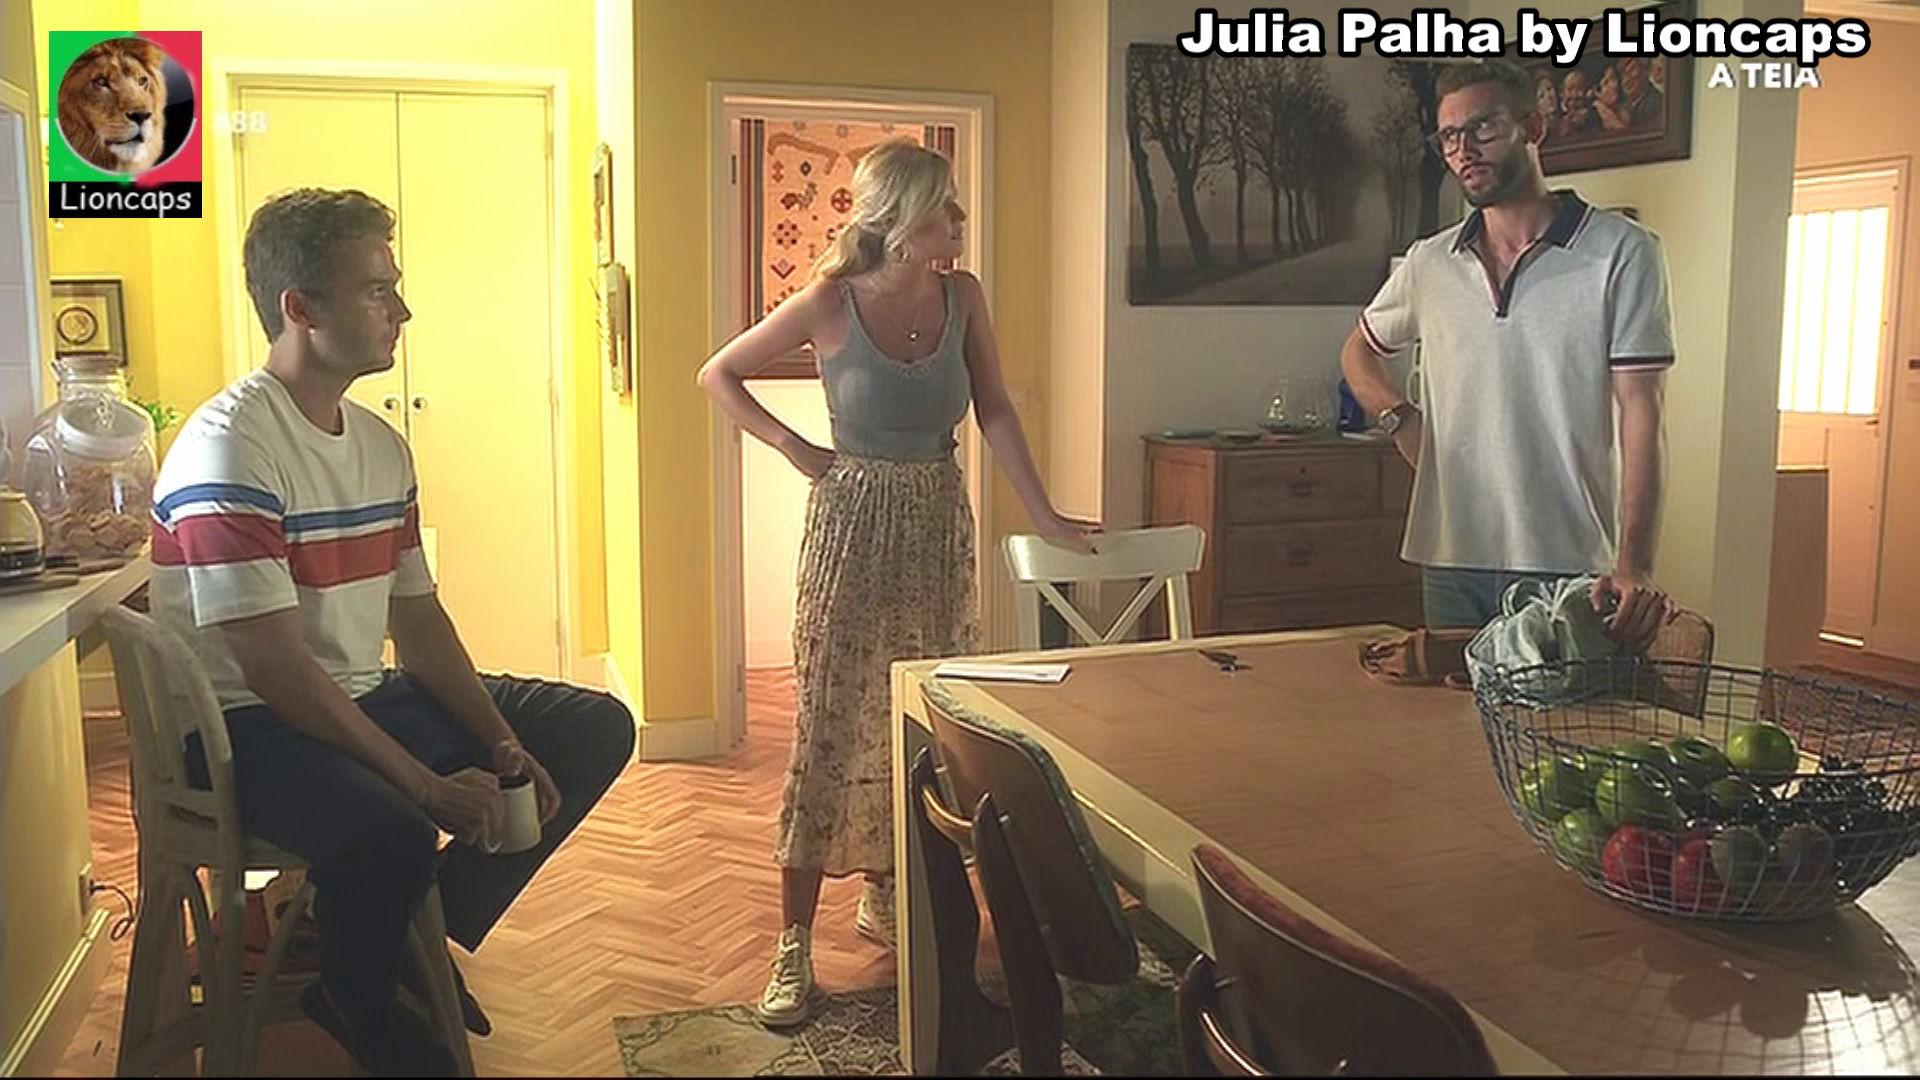 827005984_julia_palha_vs181226_0275_122_185lo.JPG